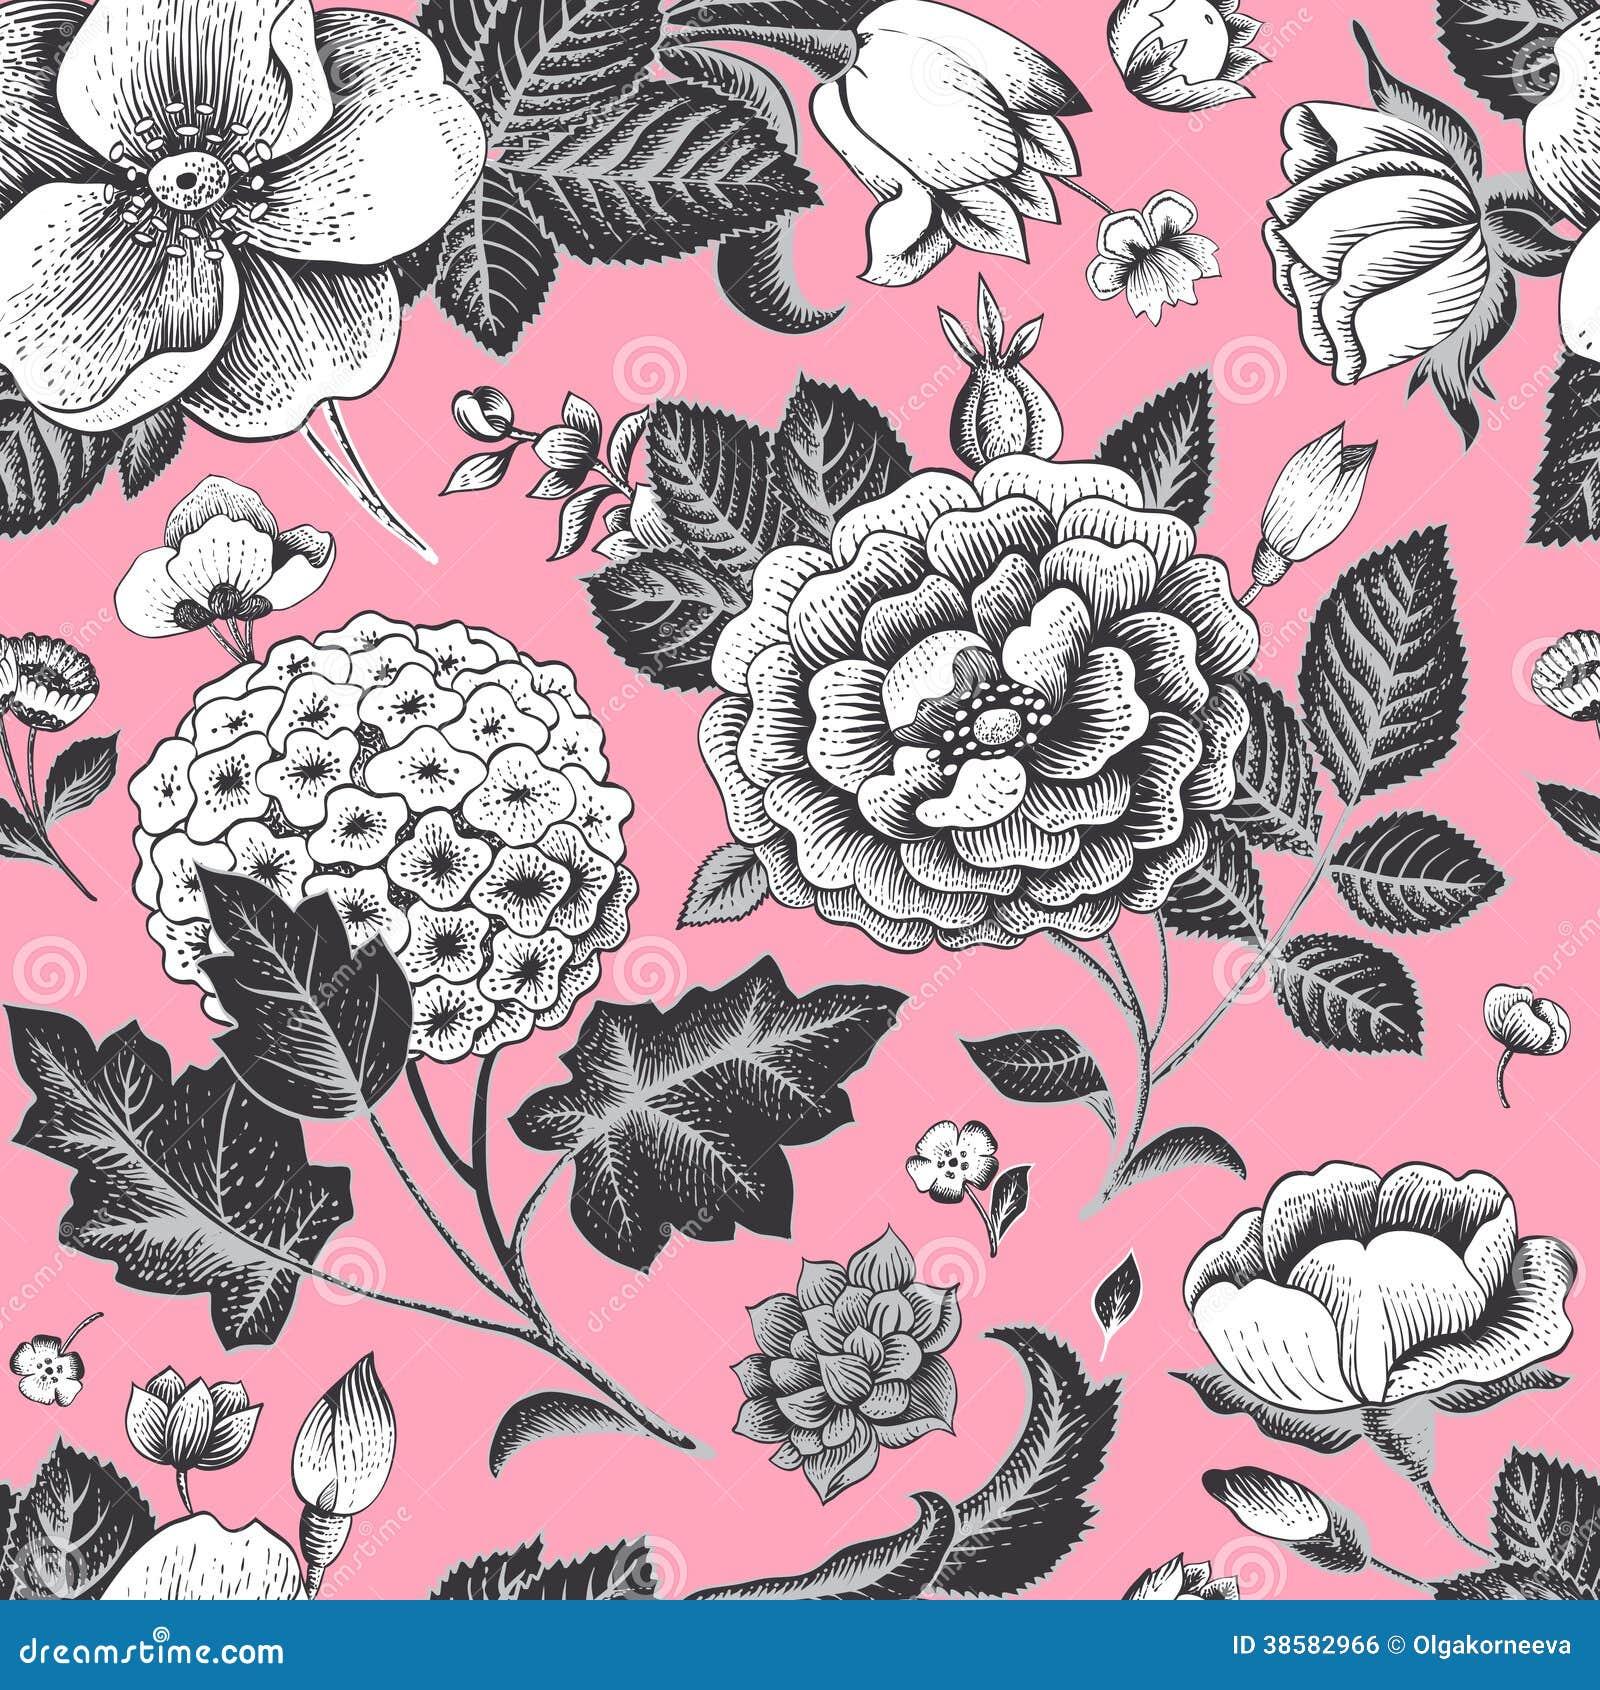 Красивая винтажная флористическая безшовная картина.